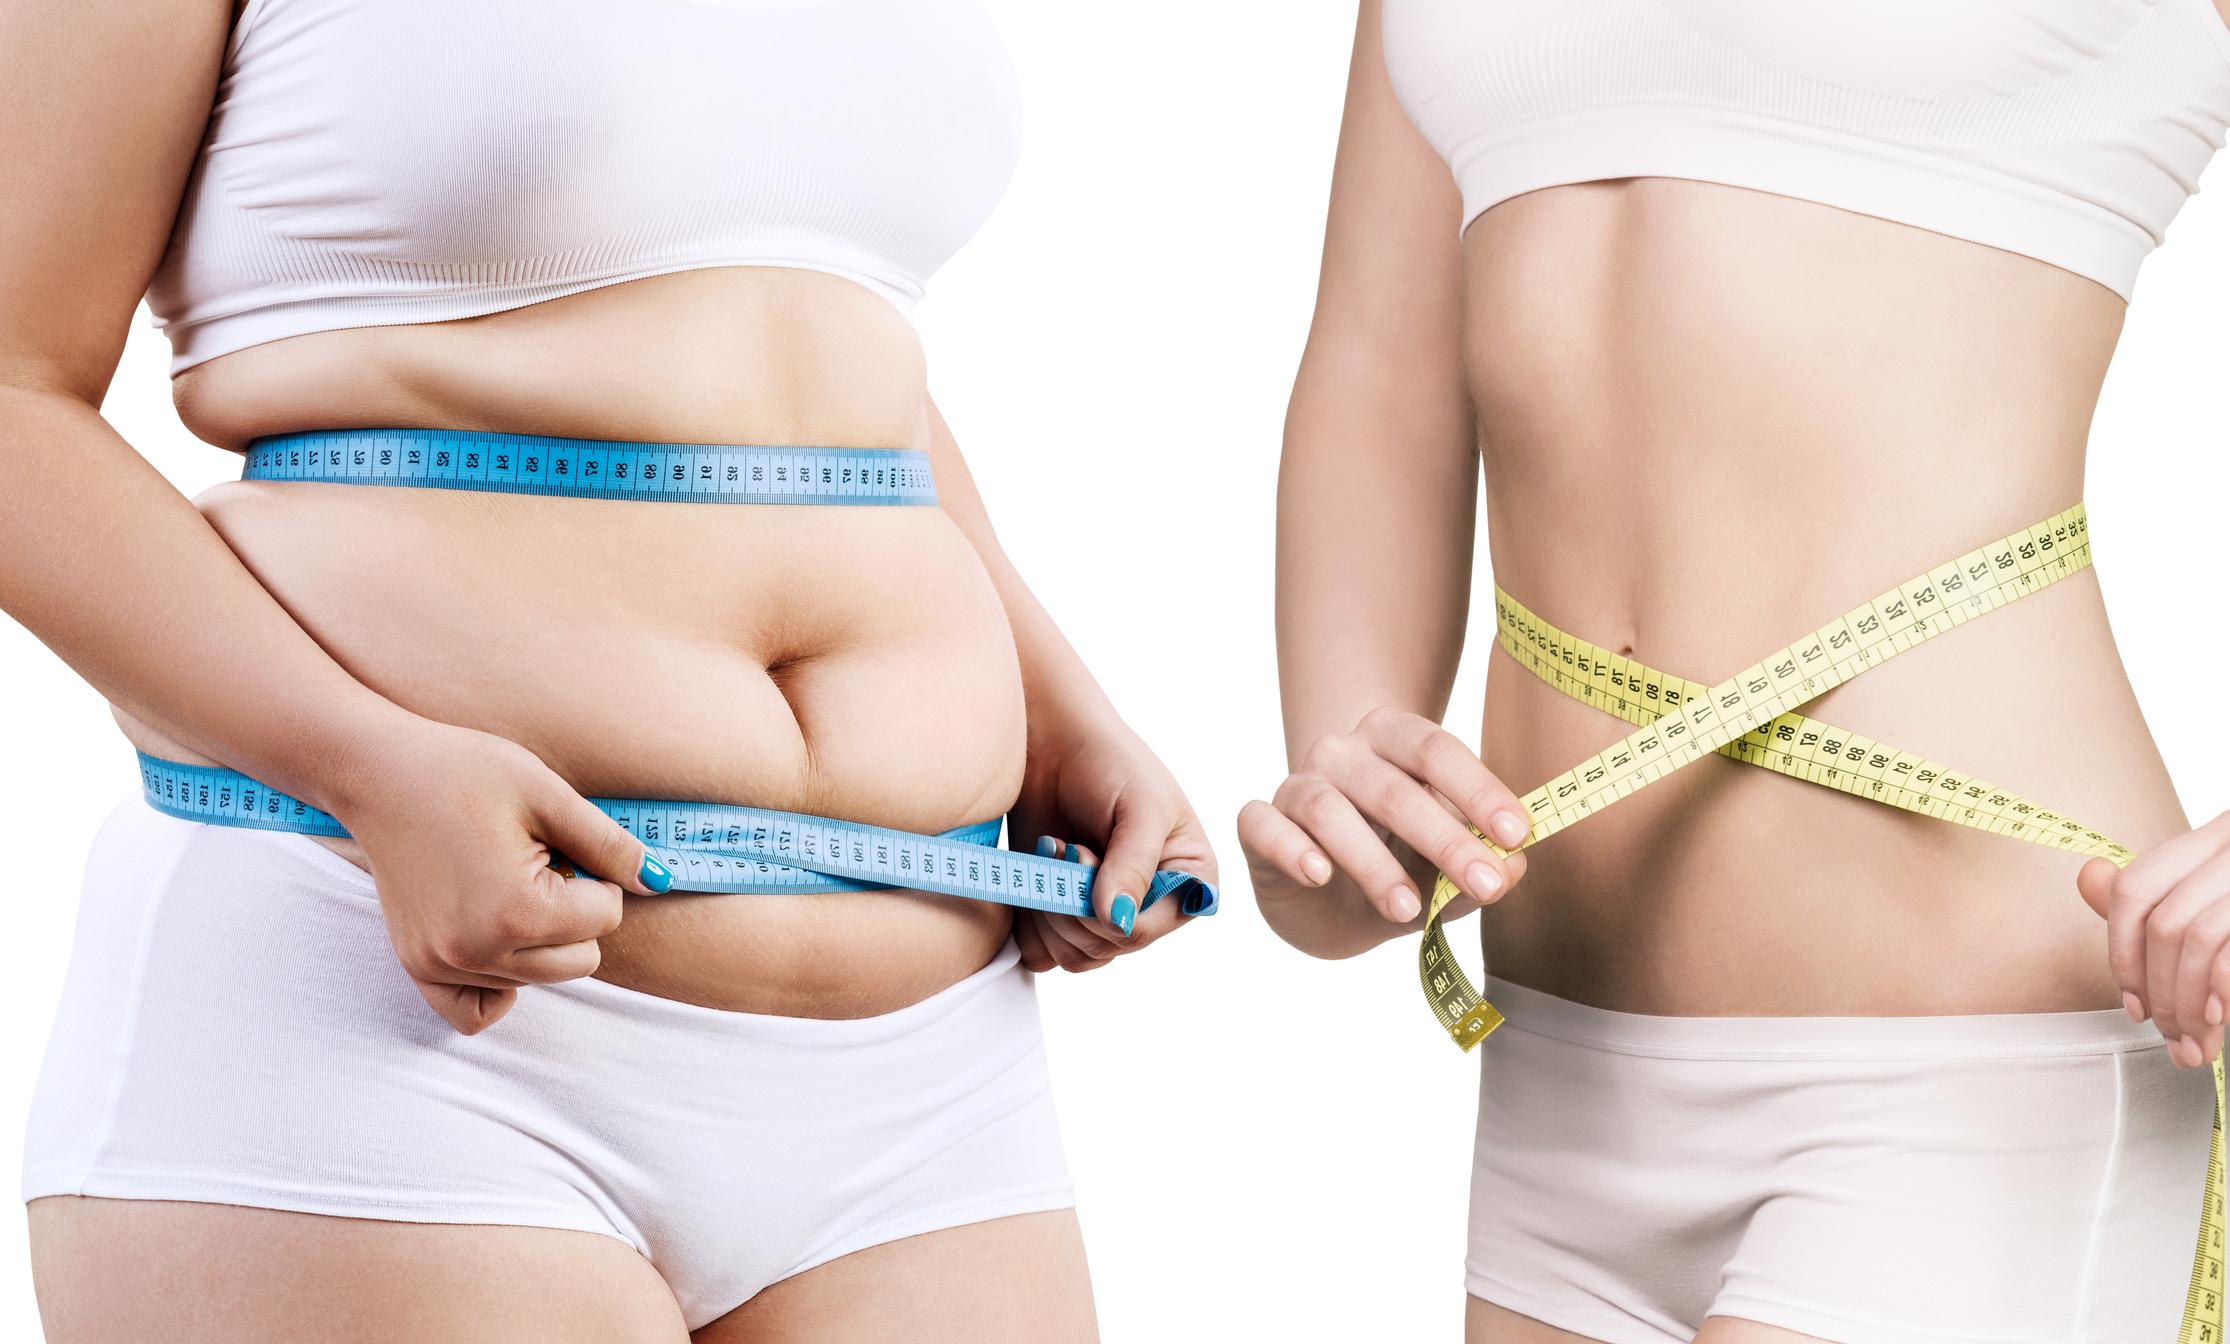 keto diéta lényege fogyás gyorsan otthon